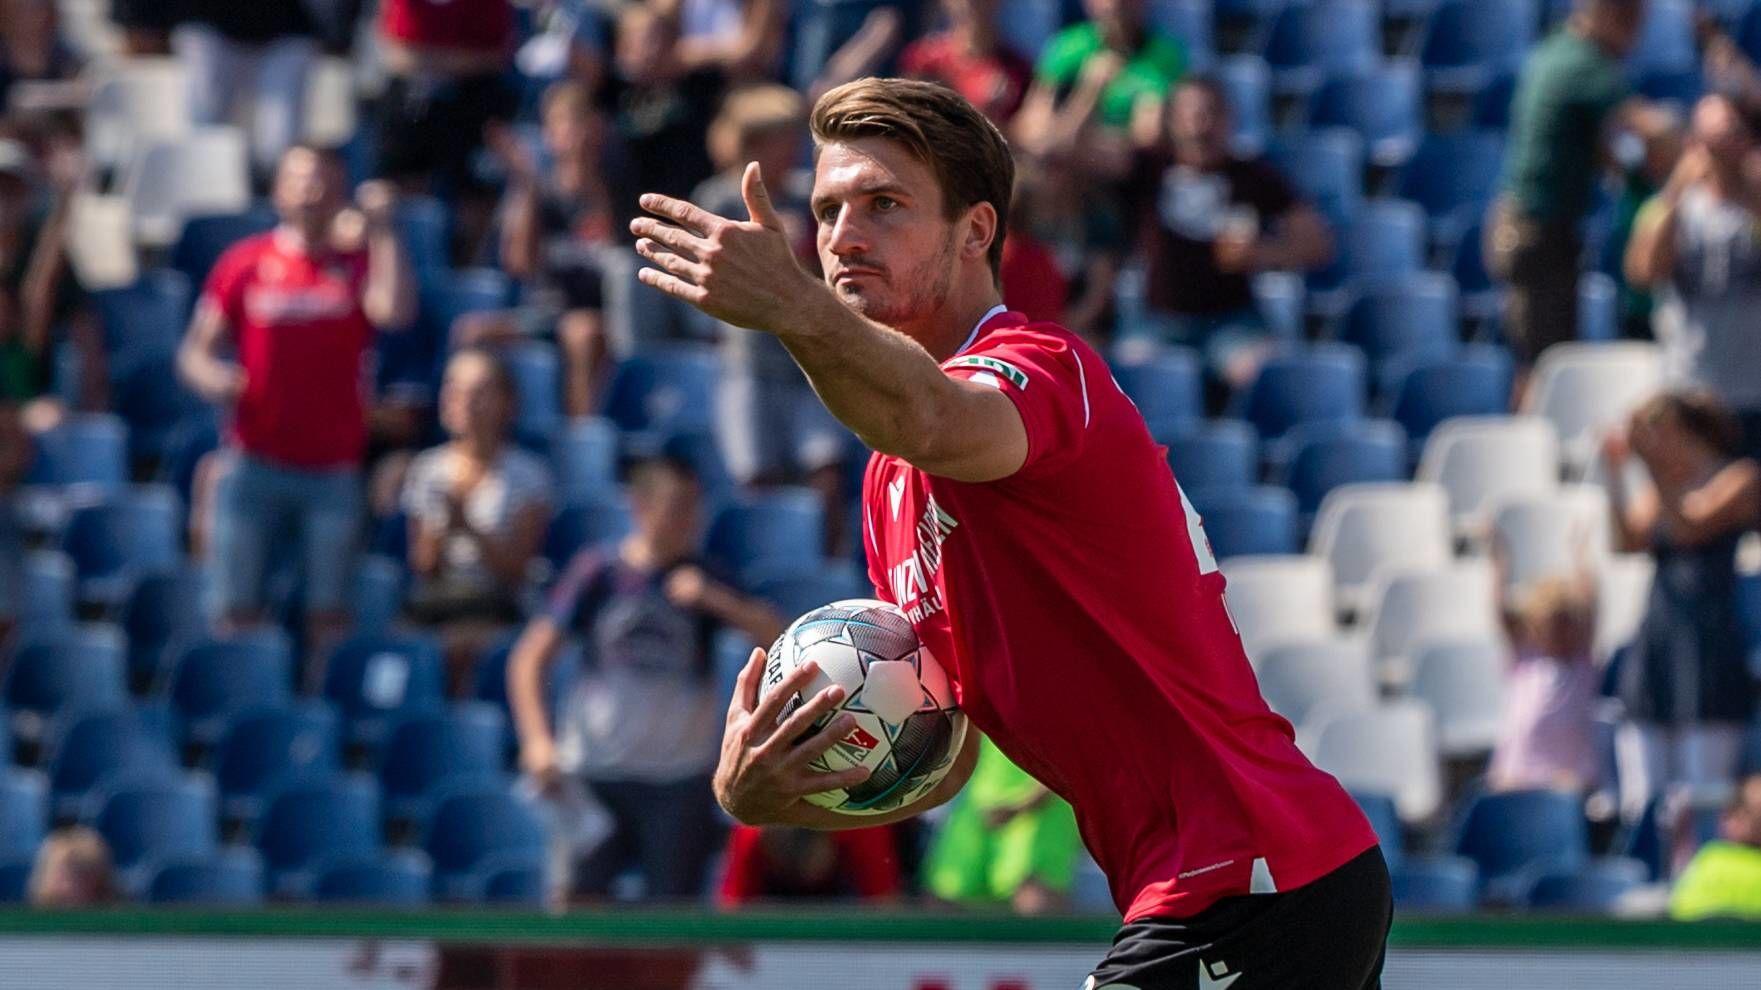 Spielbericht | Hannover 96 - SpVgg Greuther Fürth 1:1 | 4. Spieltag | 2. Bundesliga 2019/20 - kicker